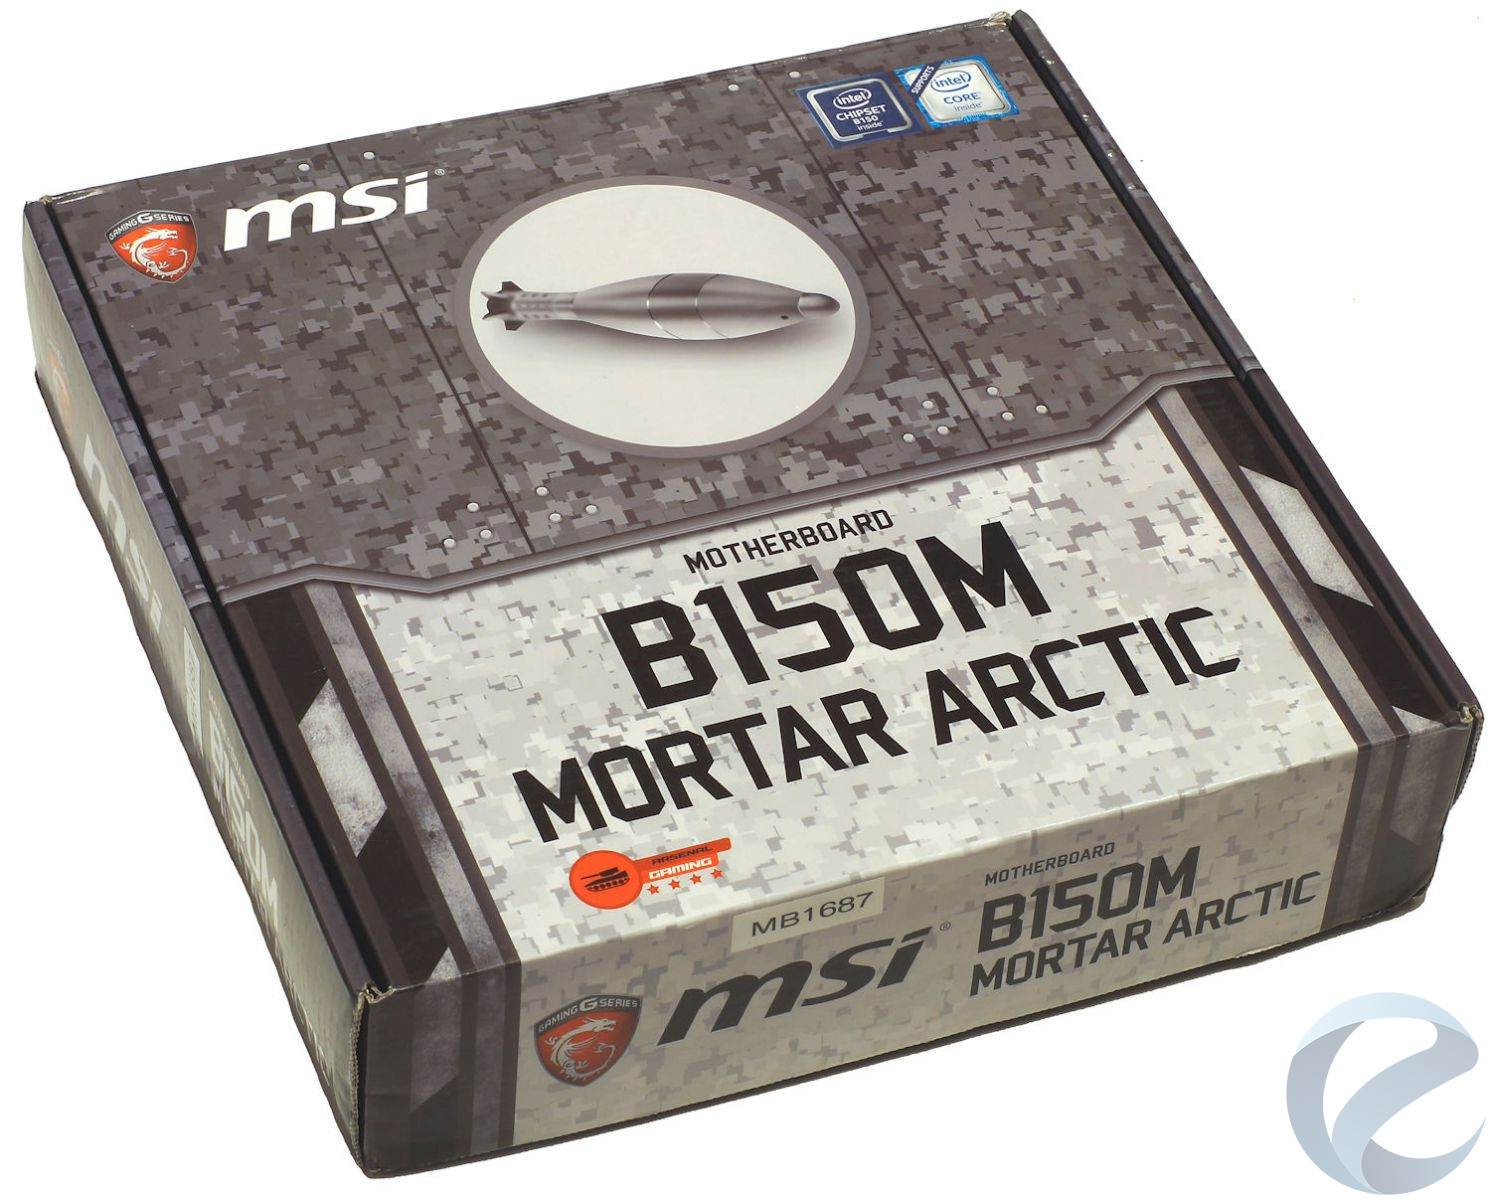 Упаковка и комплектация материнской платы MSI B150M MORTAR ARCTIC